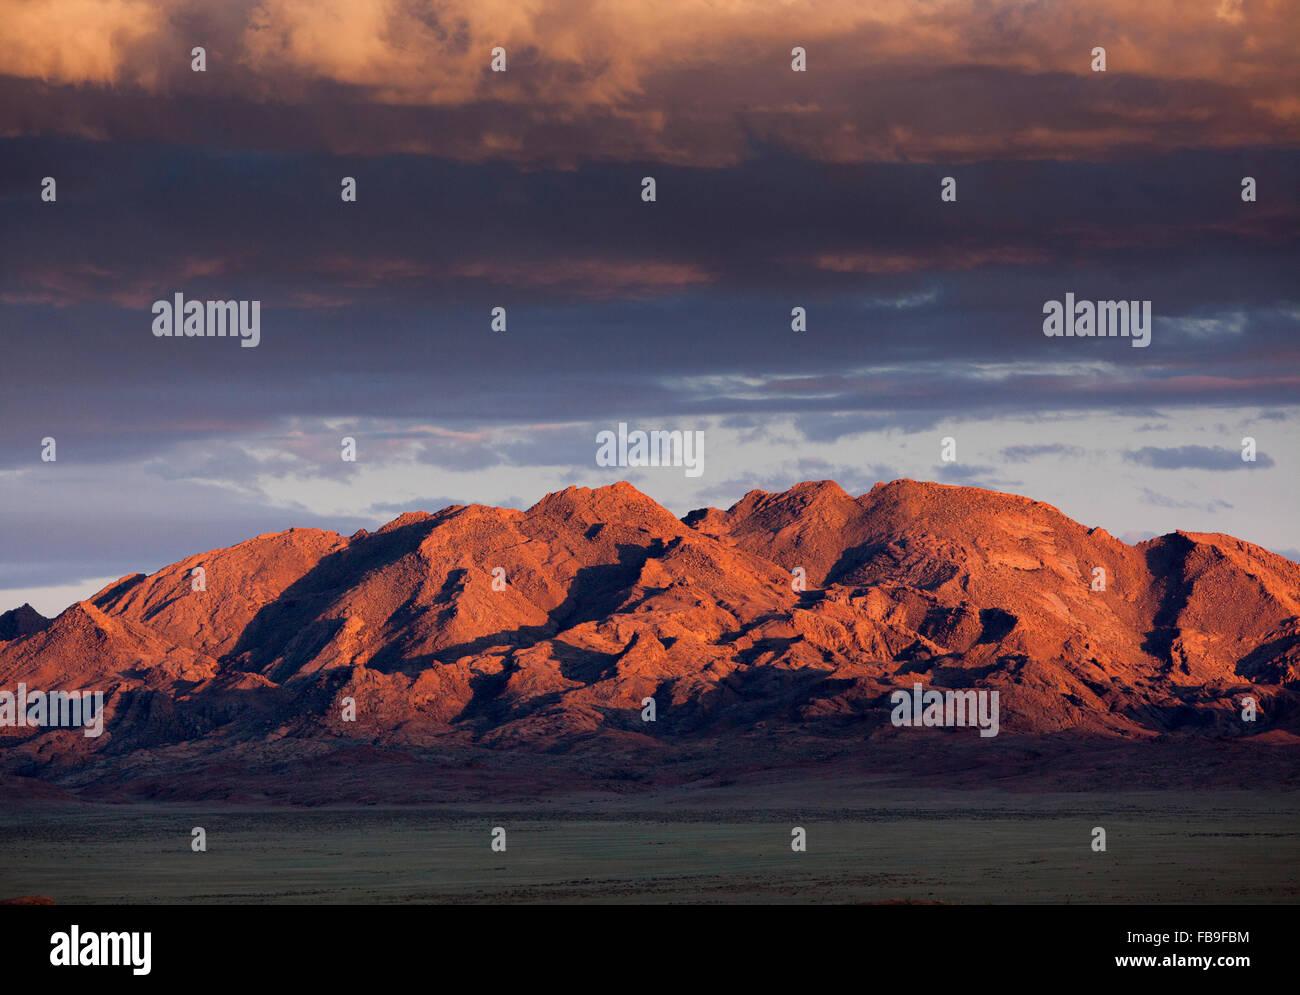 Puesta de sol en las montañas cerca de Khovd y Lago Achit en lugares remotos del lejano oeste de Mongolia. Imagen De Stock